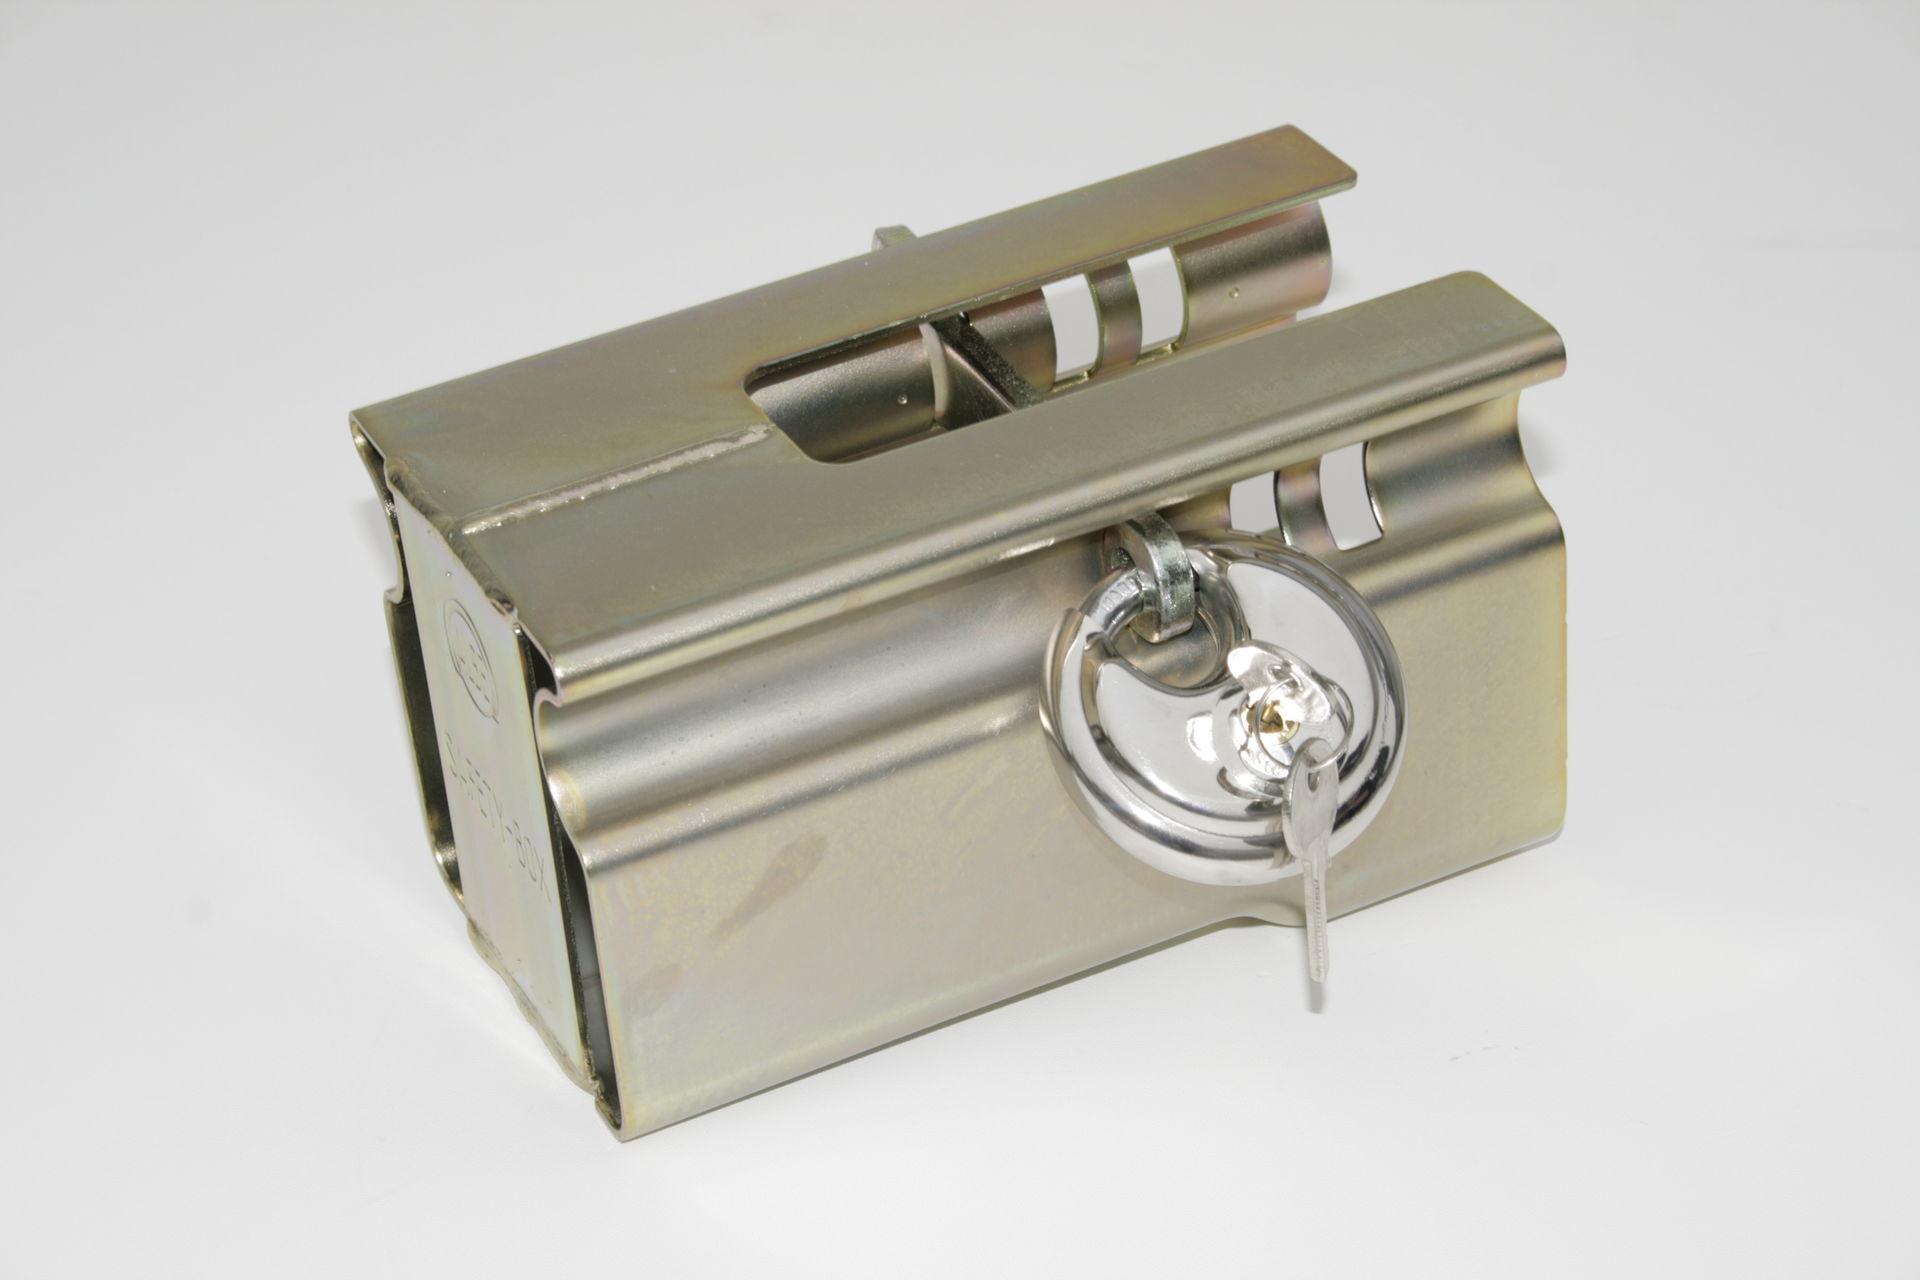 Zámek přípojného kloubu SAFETY-BOX-K